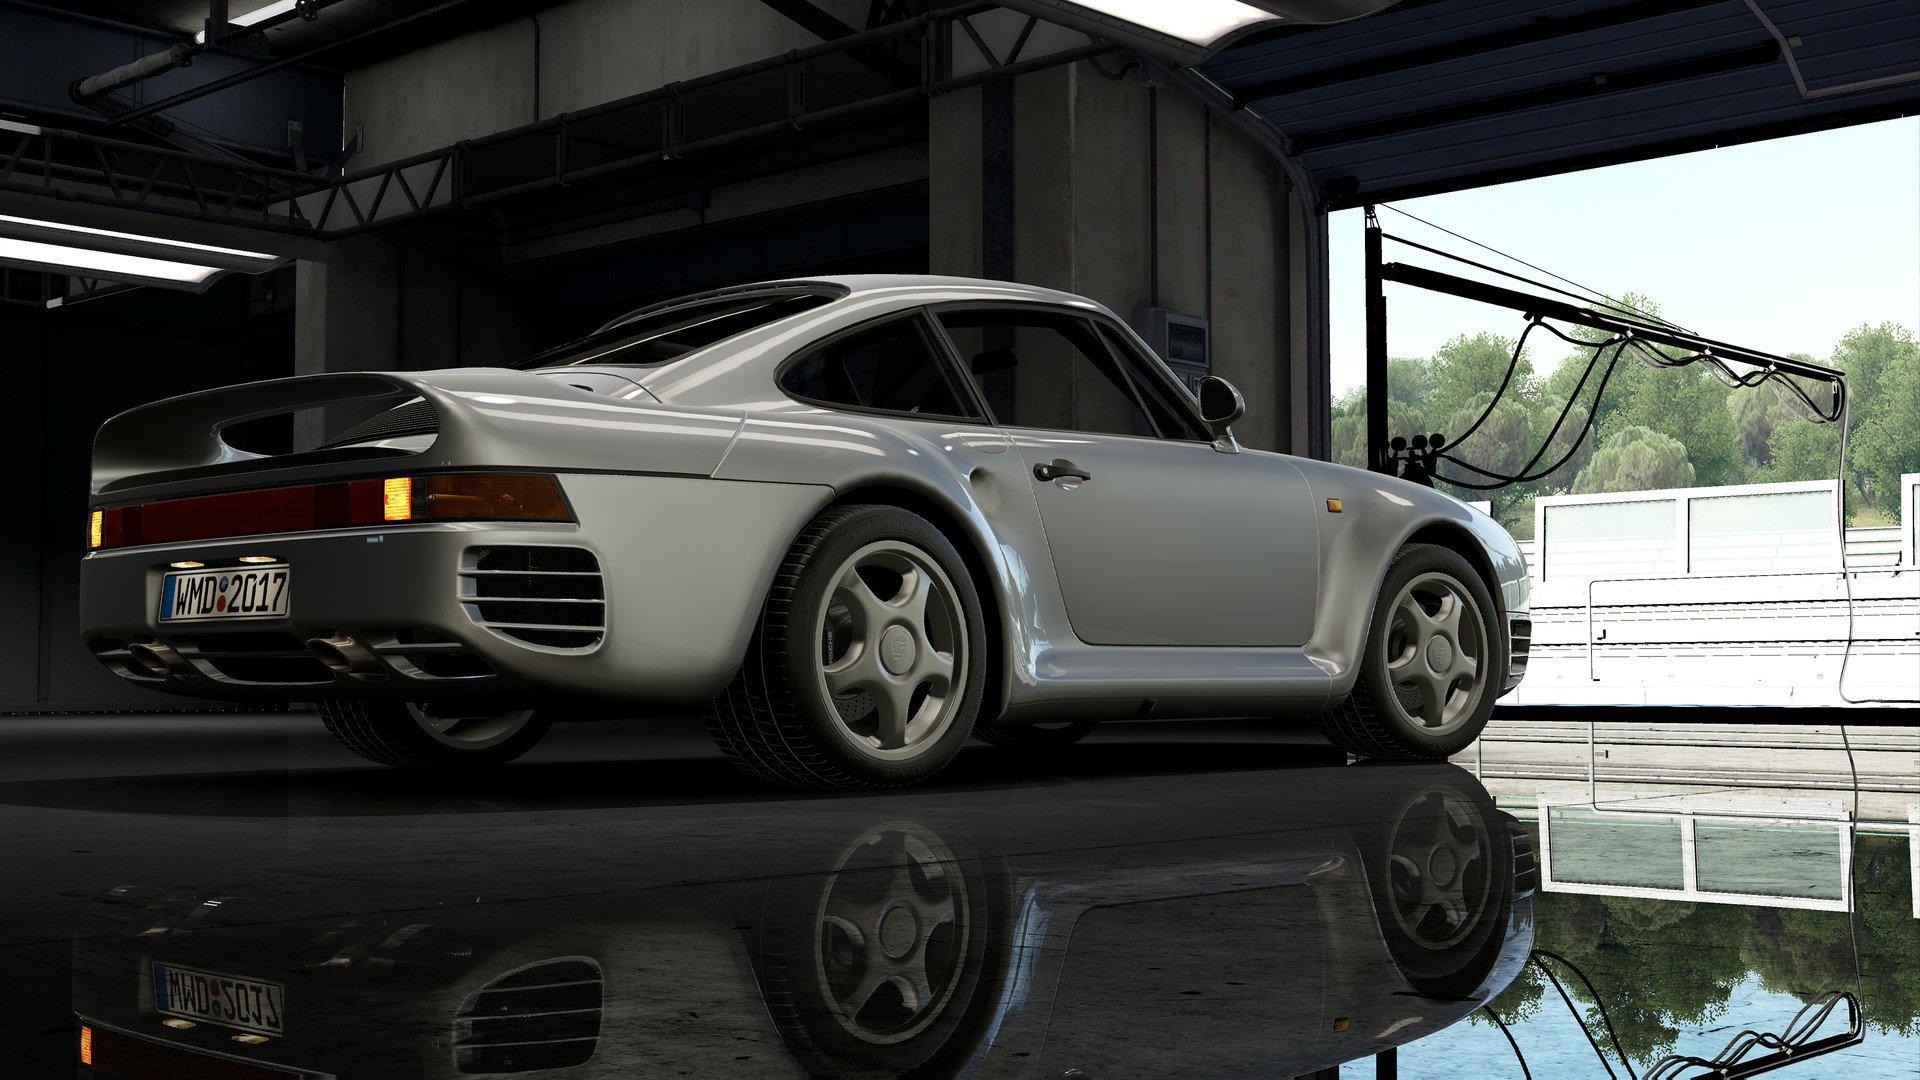 Project Cars 2 Porsche Legends Pack Adds Porsche 959